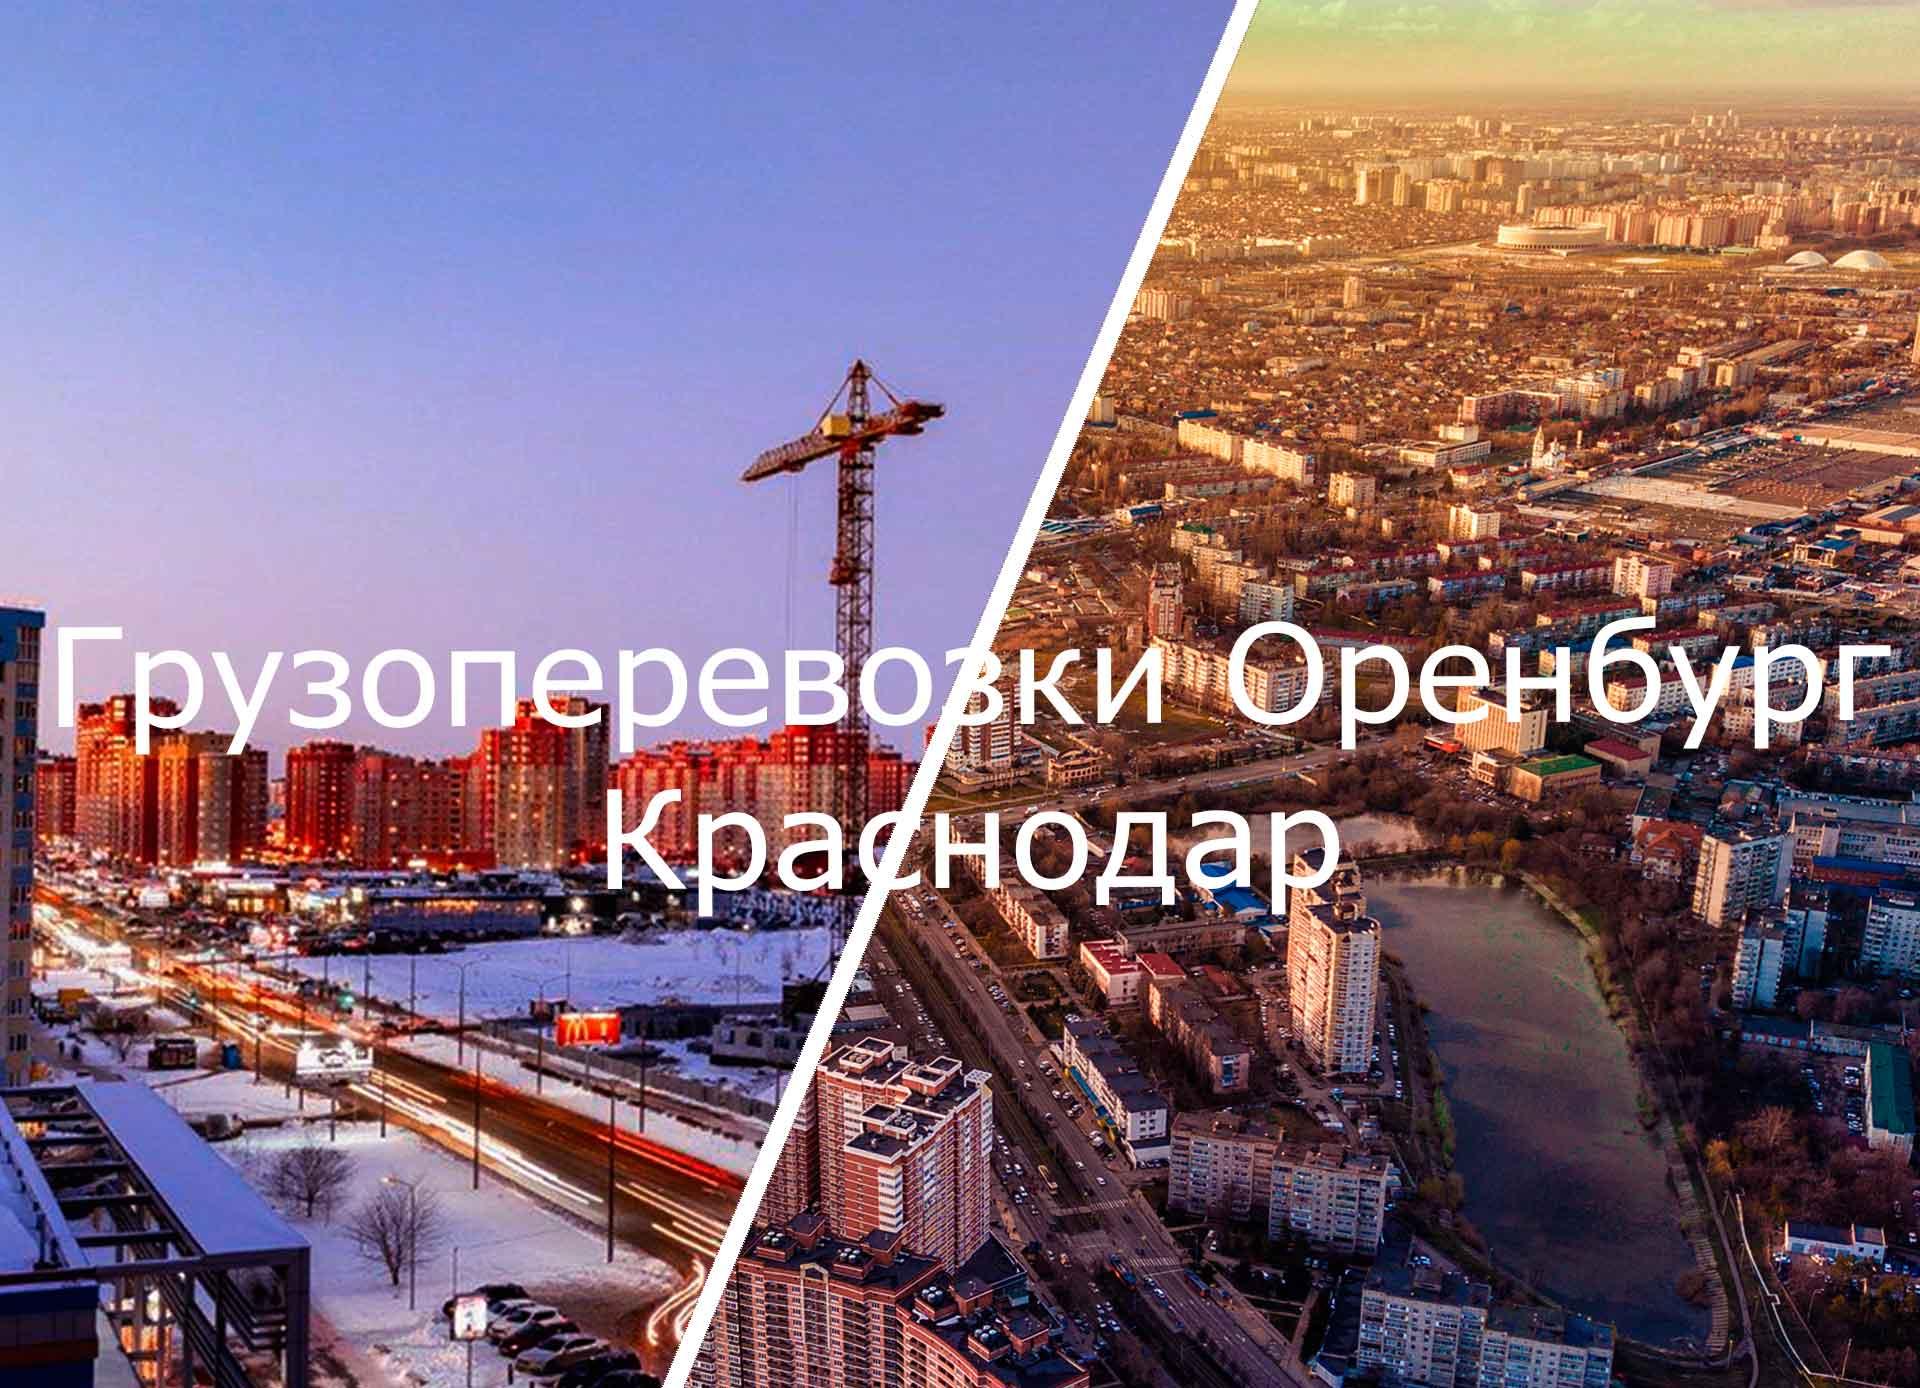 грузоперевозки оренбург краснодар